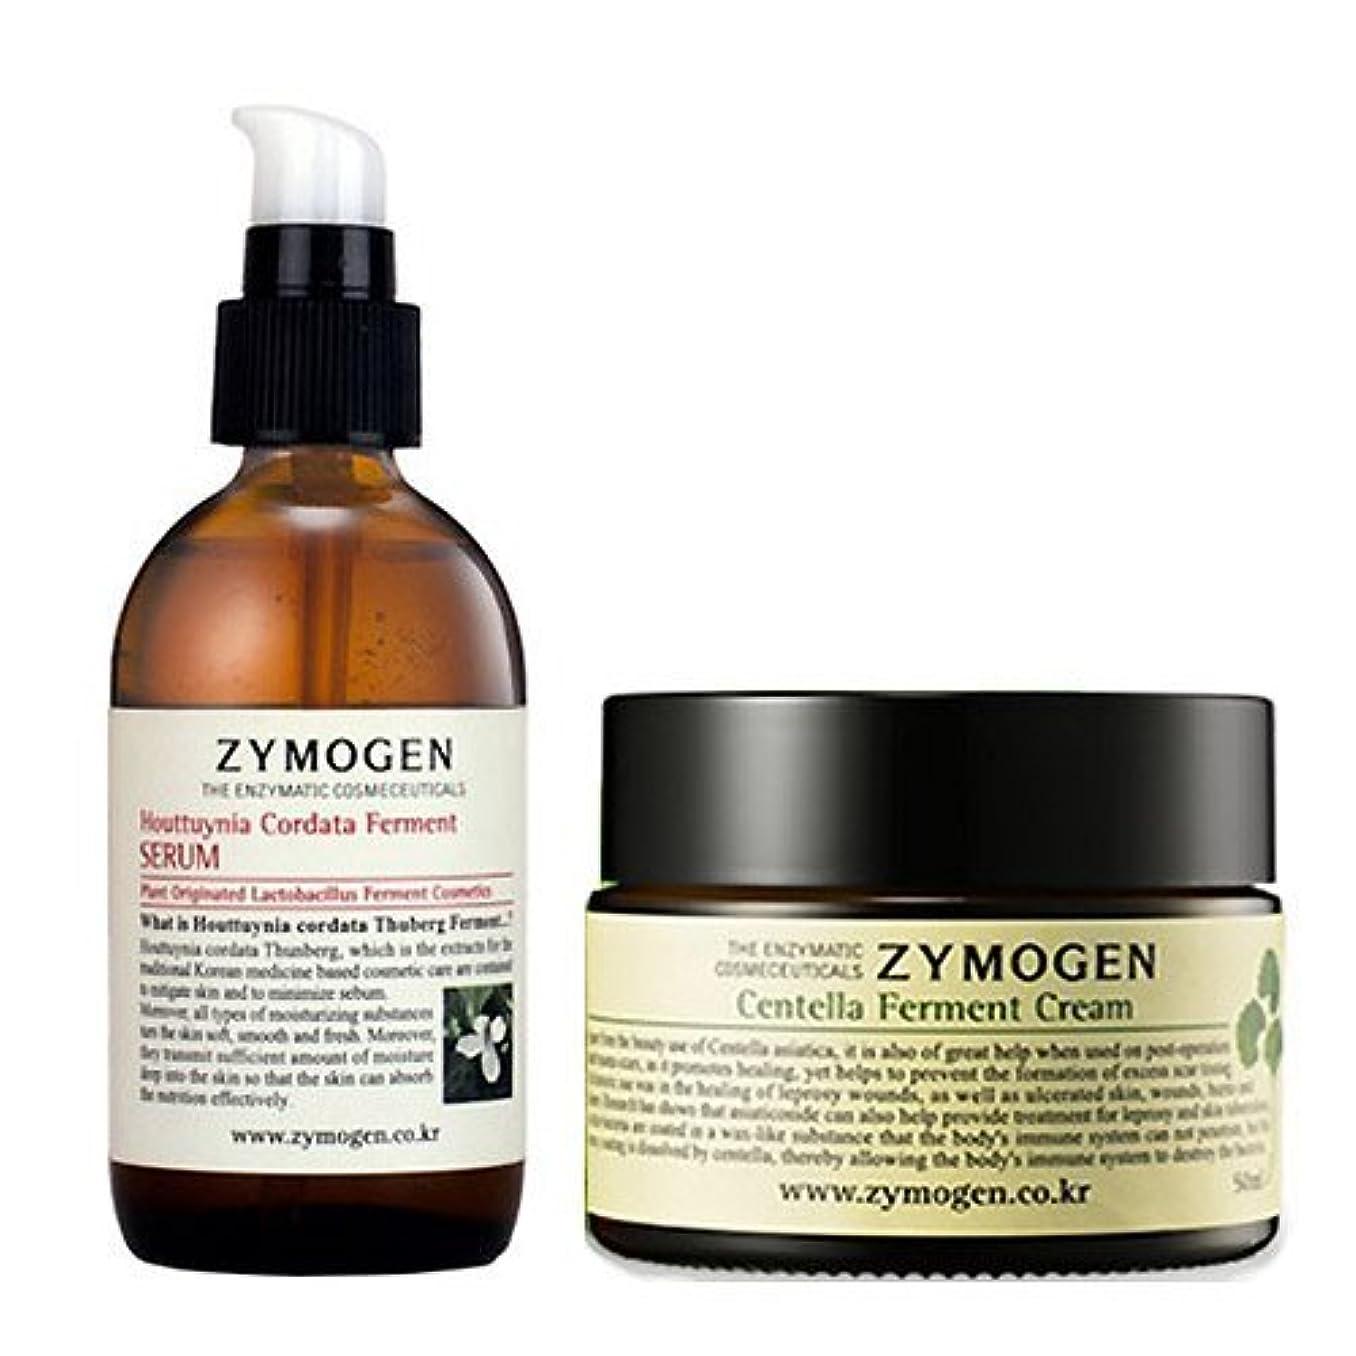 ベッド漁師家主ザイモゲン(ZYMOGEN) 発酵 2種セット [海外直送品][並行輸入品] ZYMOGEN Centella Ferment Cream 50g+ Ferment Houttunia Cordata Extract Serum...